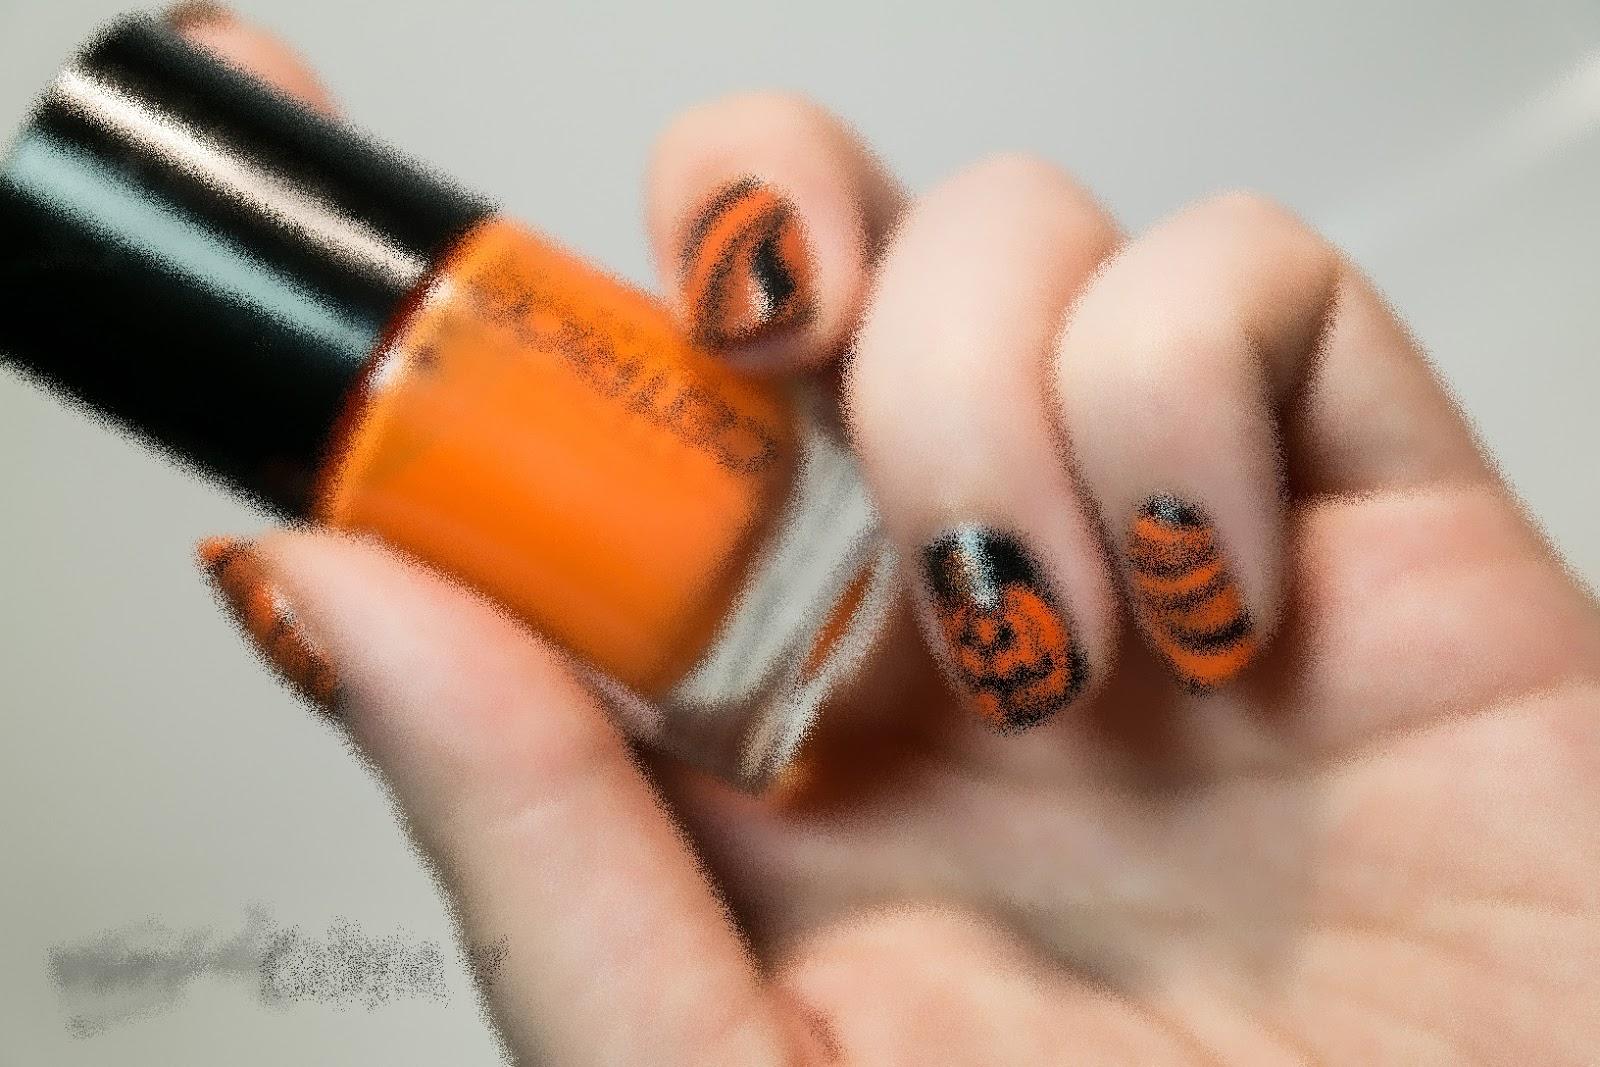 http://rainpow-nails.blogspot.com/2014/10/halloween-der-groe-kurbis.html